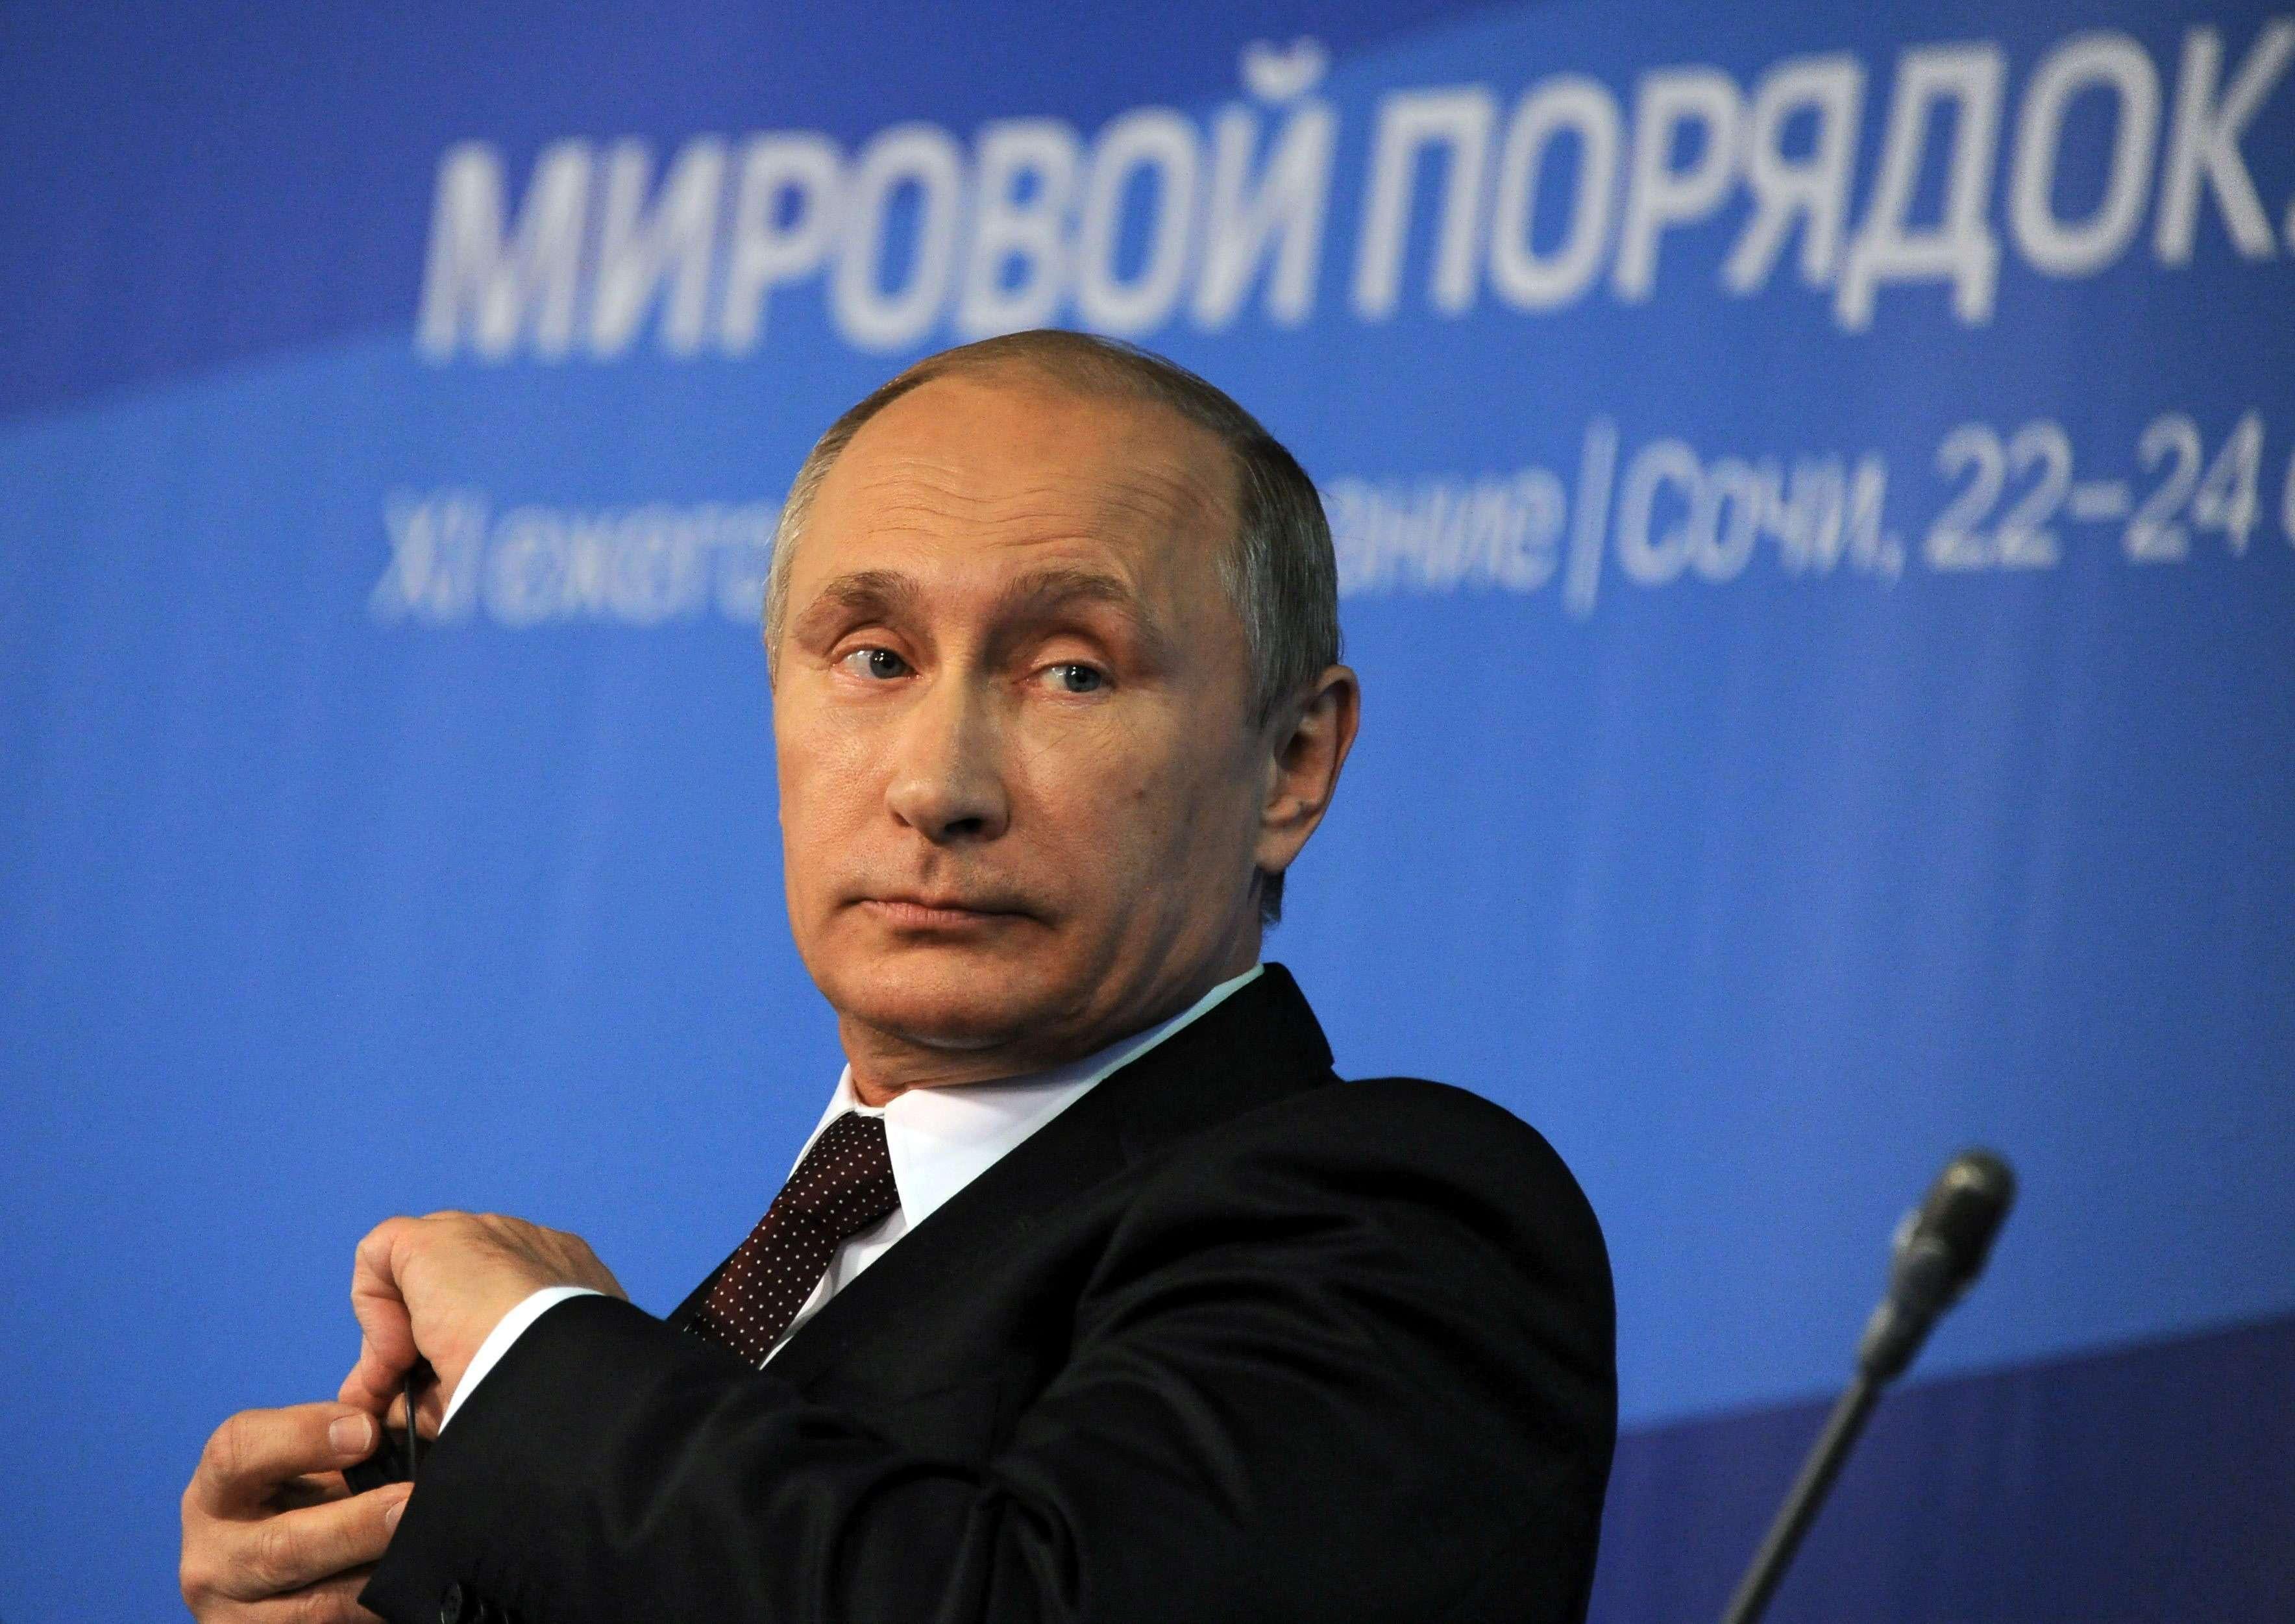 El presidente ruso Vladimir Putin asiste al club de debate 'Valdia' en la localidad de Sochi, Rusia ayer 24 de octubre de 2014. Foto: EFE en español